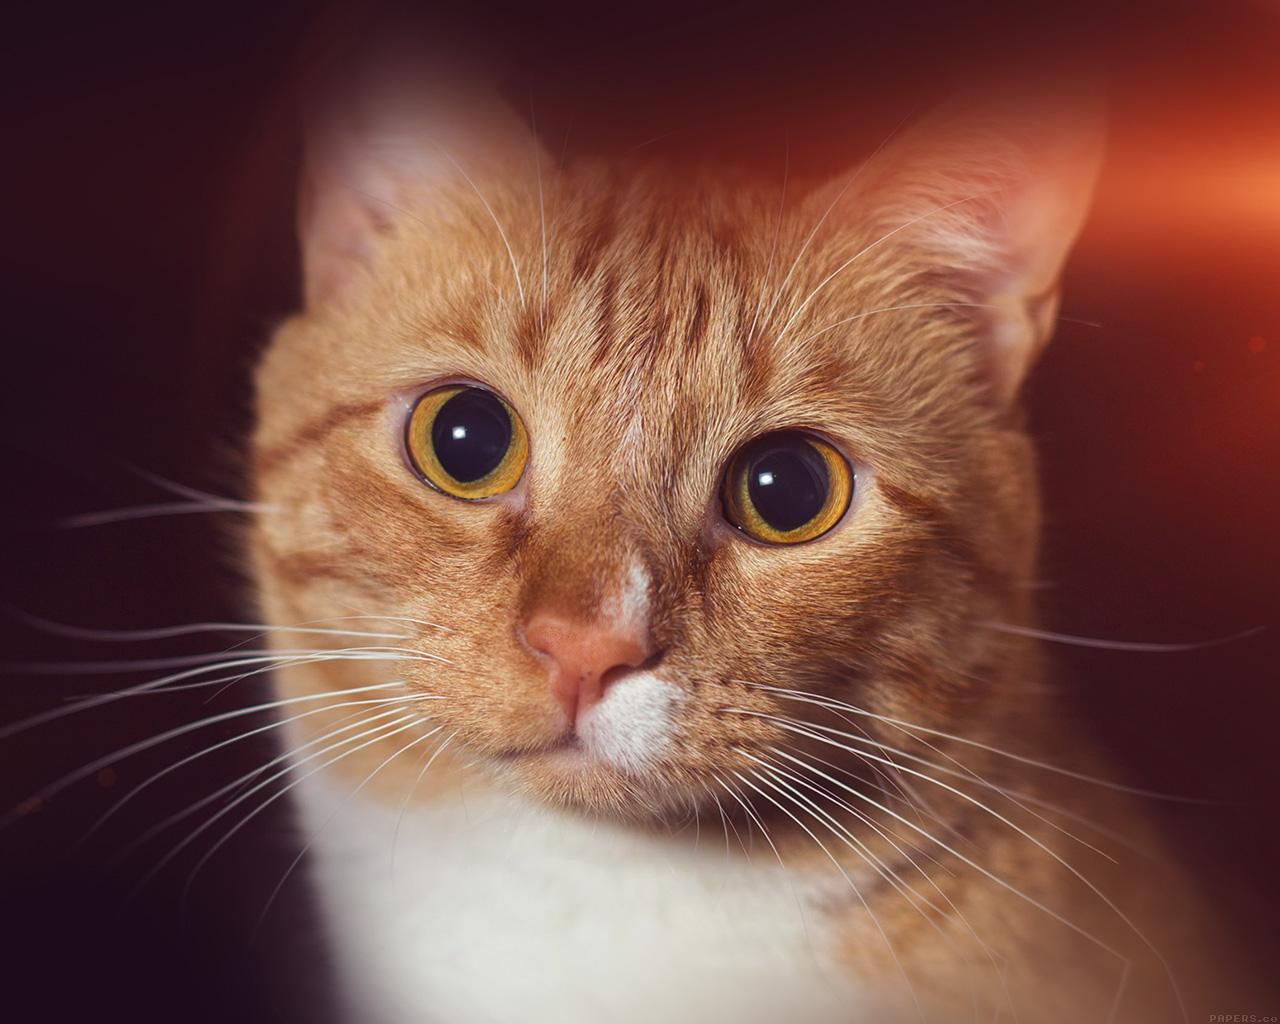 Wallpaper For Desktop Laptop Mr33 Cat Face Eye Animal